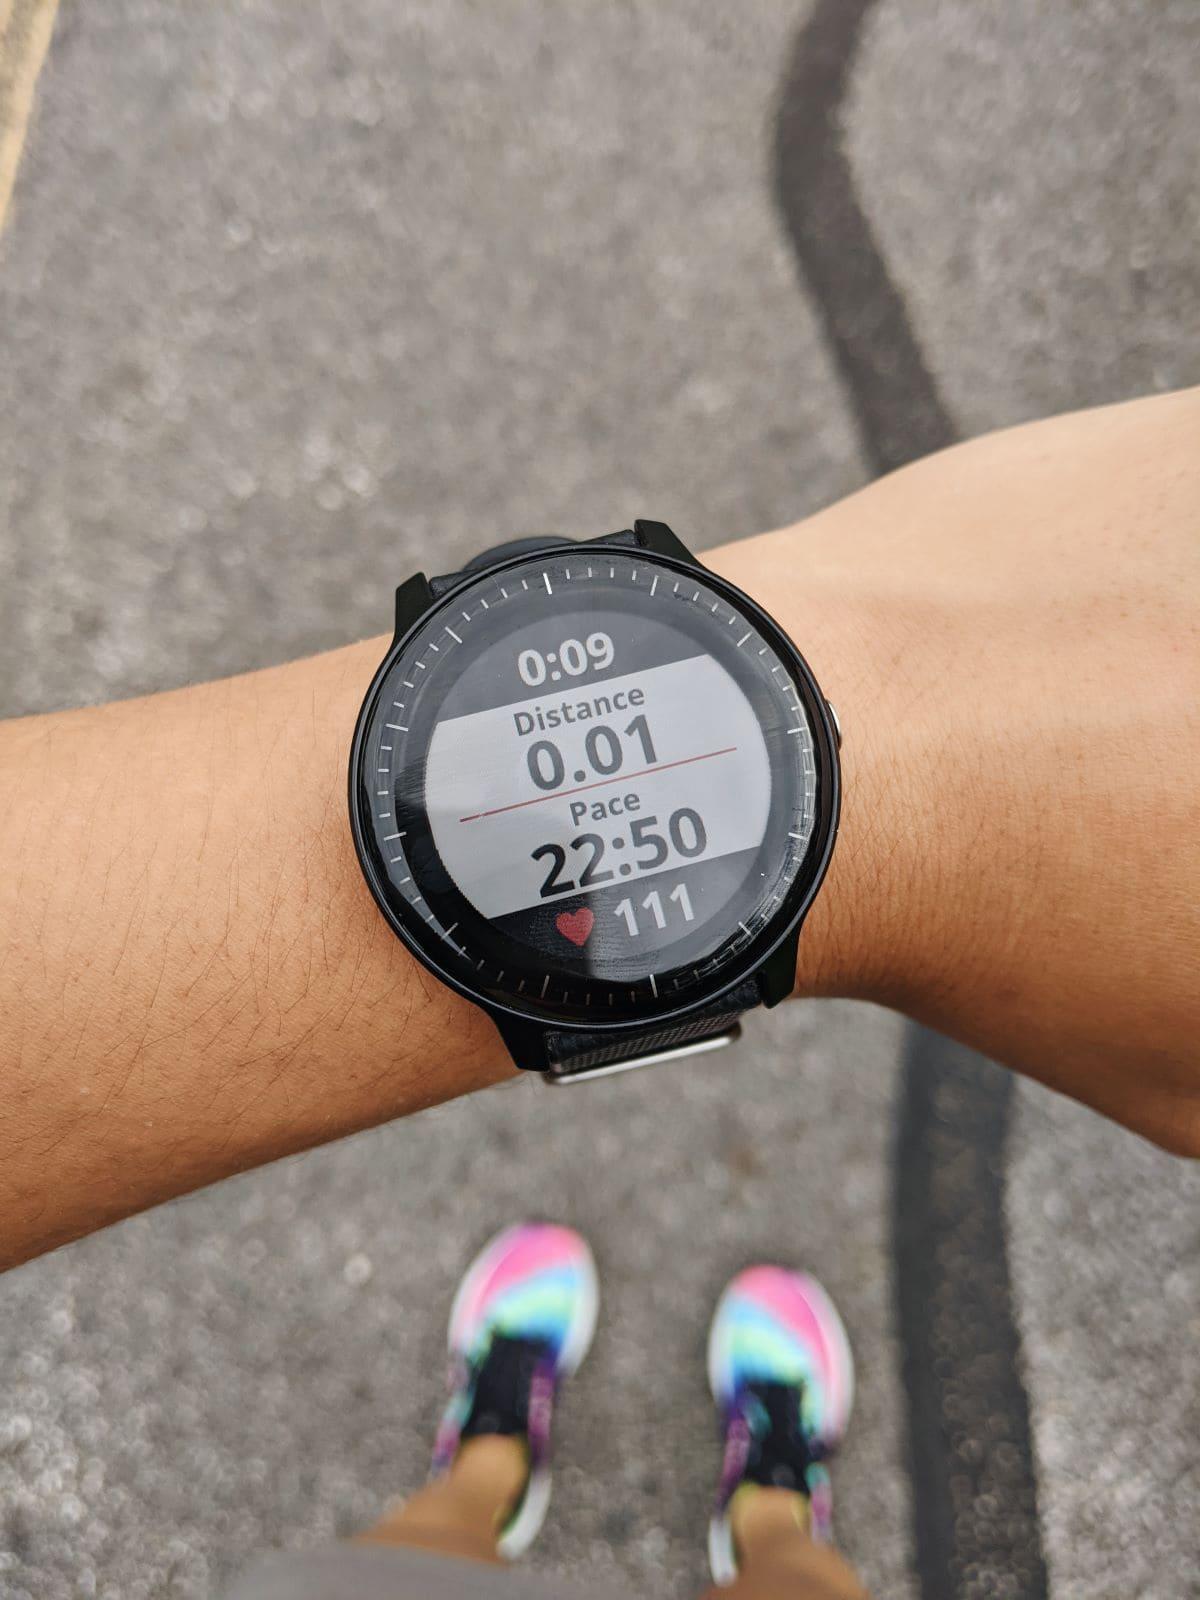 vivoactive 3 music screen during a run